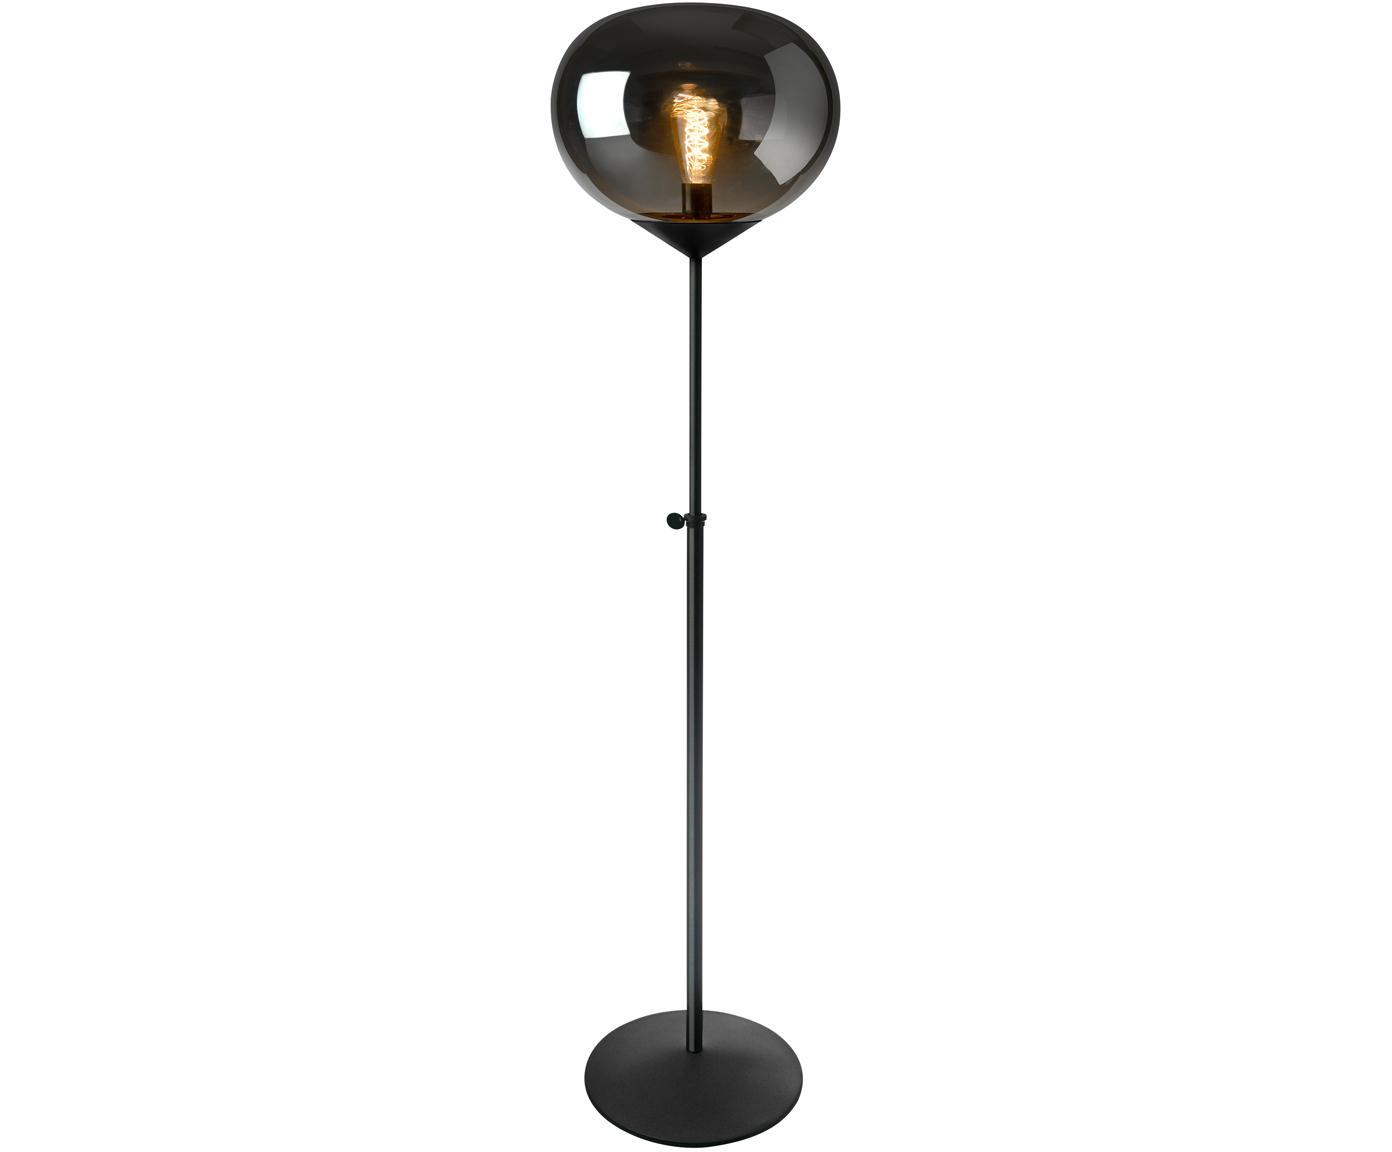 Lampa podłogowa z regulacją wysokości Drop, Chrom, czarny, Ø 36 x W 164 cm